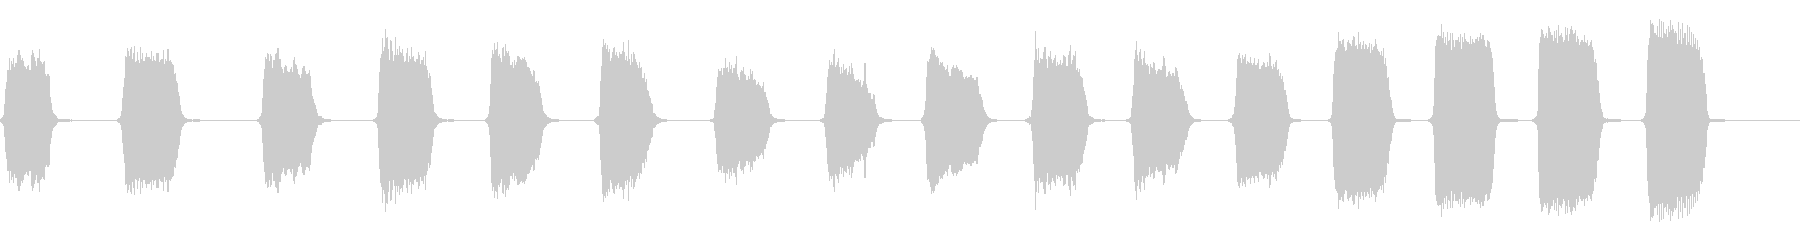 ハーモニカ:ゆっくりとした意図的な...の未再生の波形